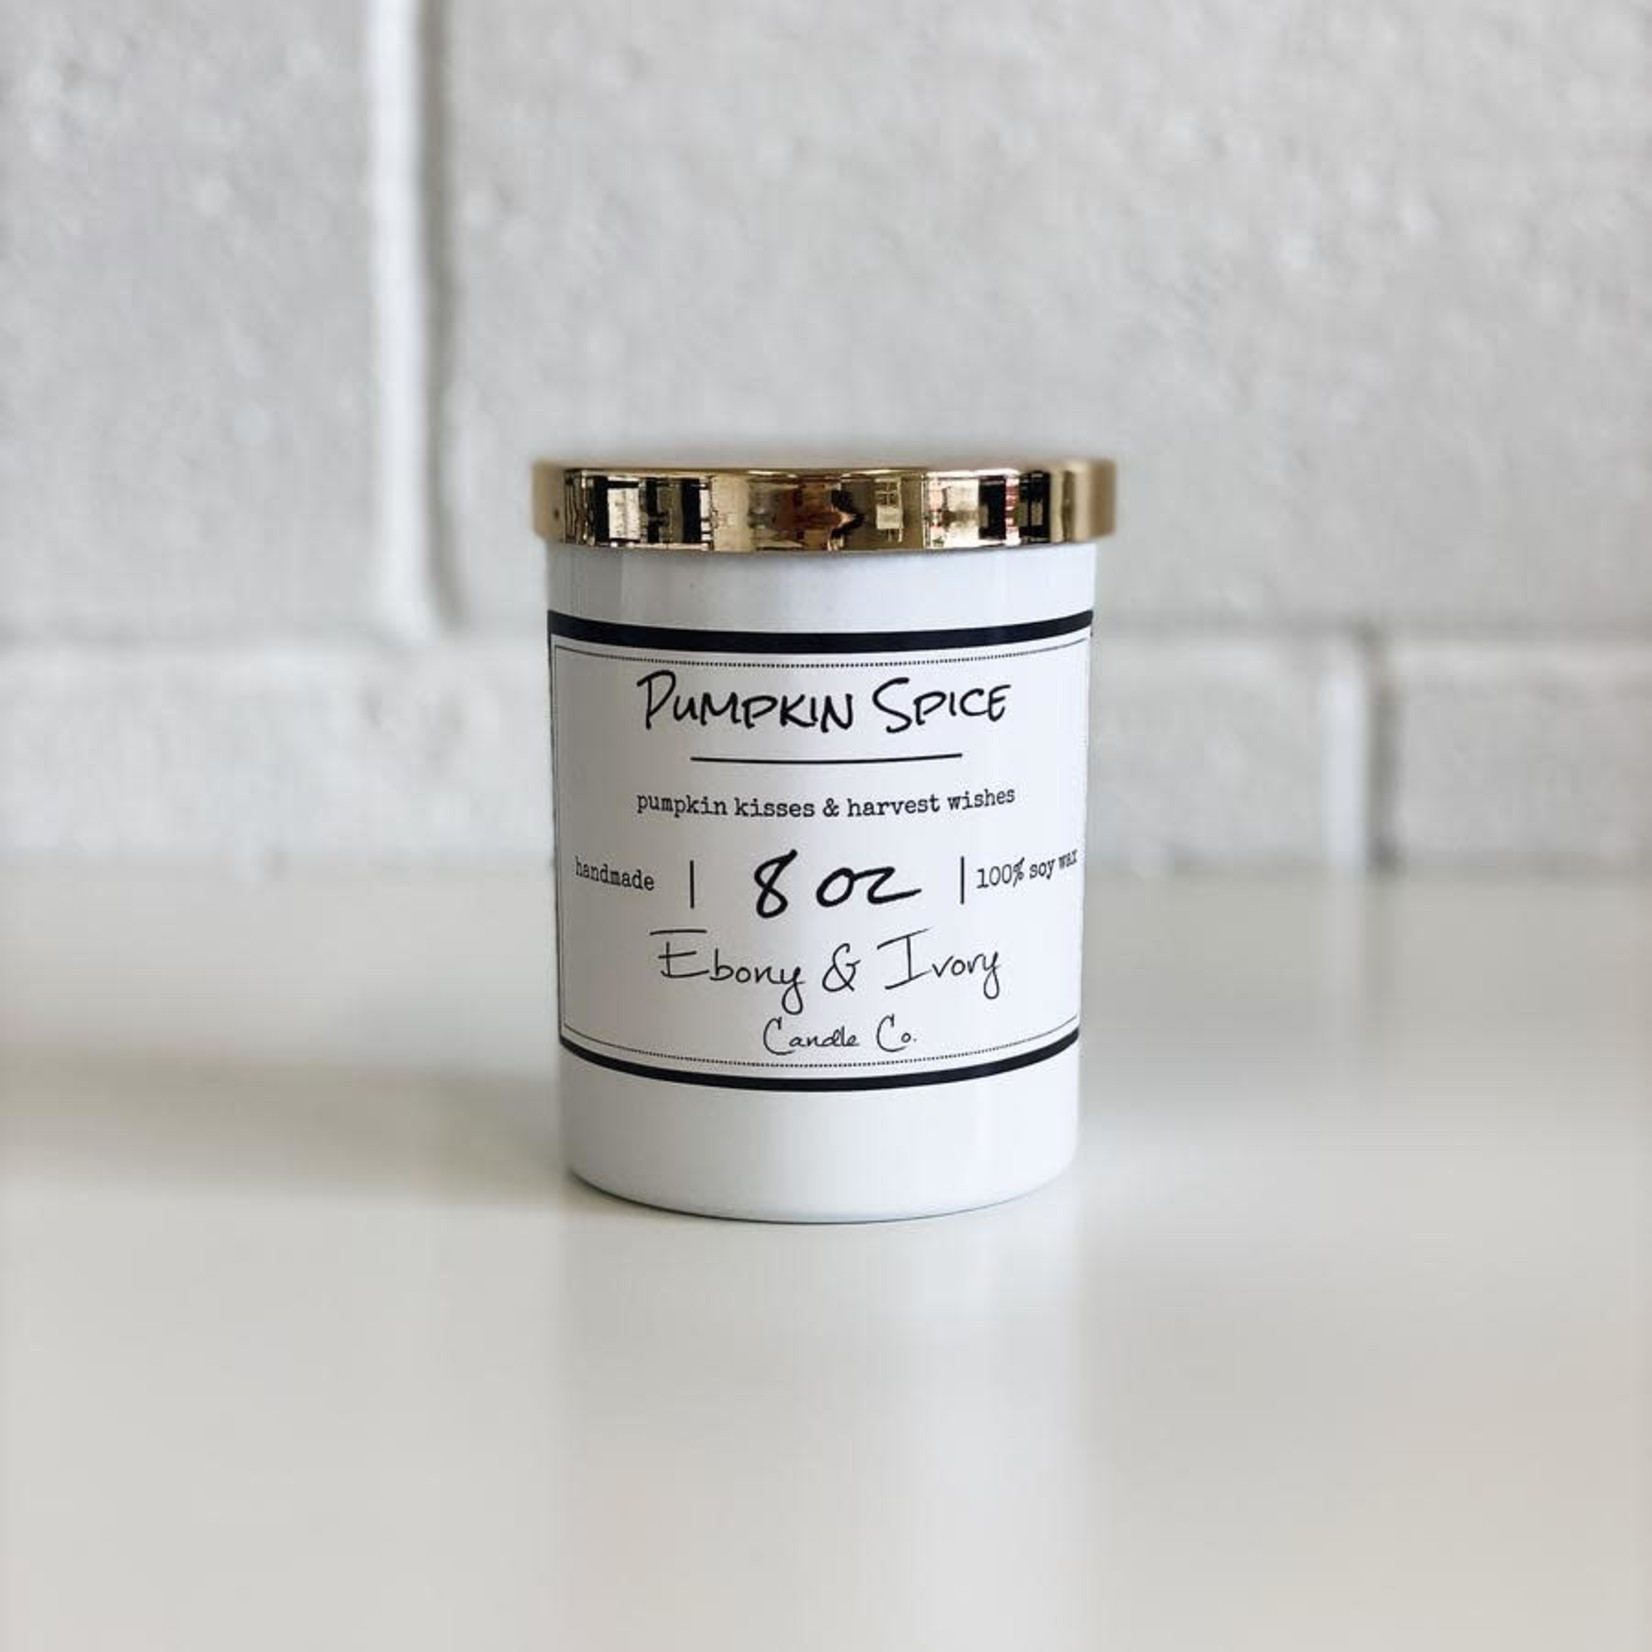 Ebony & Ivory Candle Co. - Pumpkin Spice